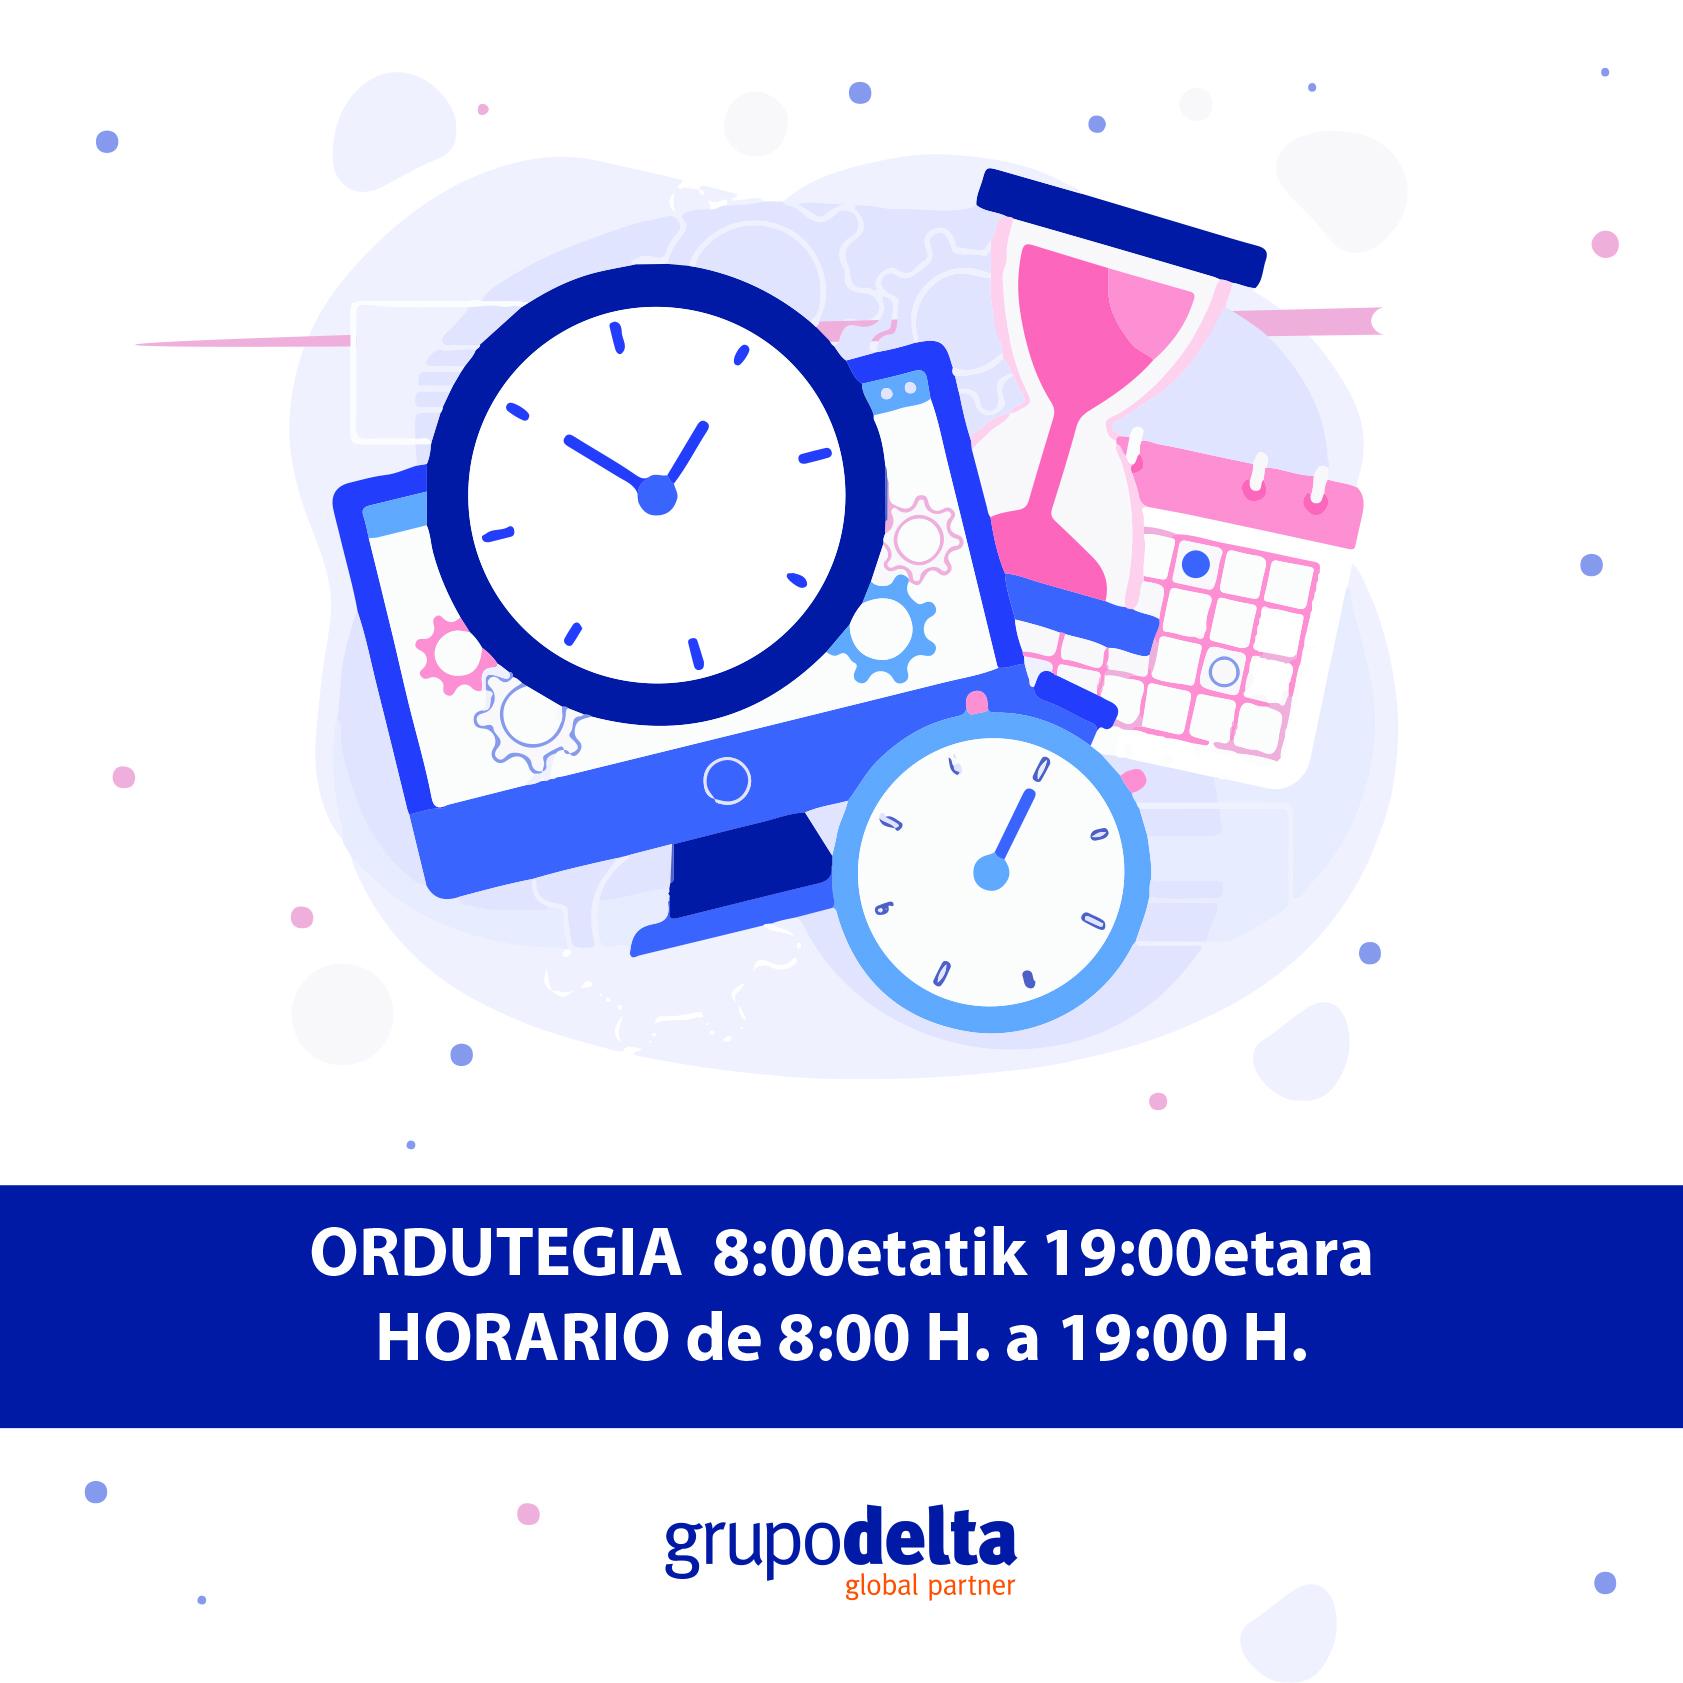 Nuevo horario, Grupo Delta